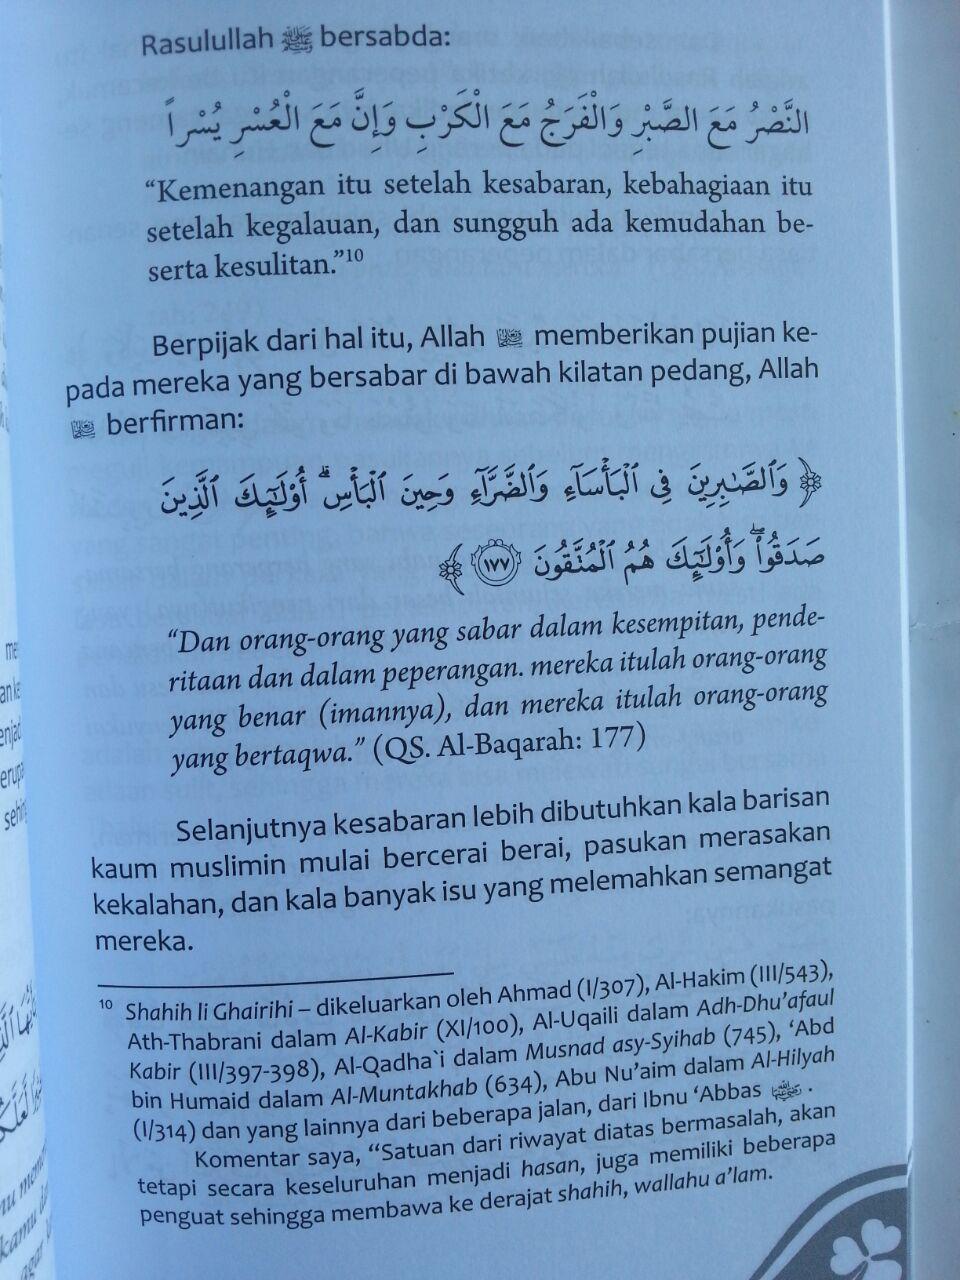 Buku Sabar Anugerah Terindah Tips Meraih Pahala Tanpa Batas isi 3